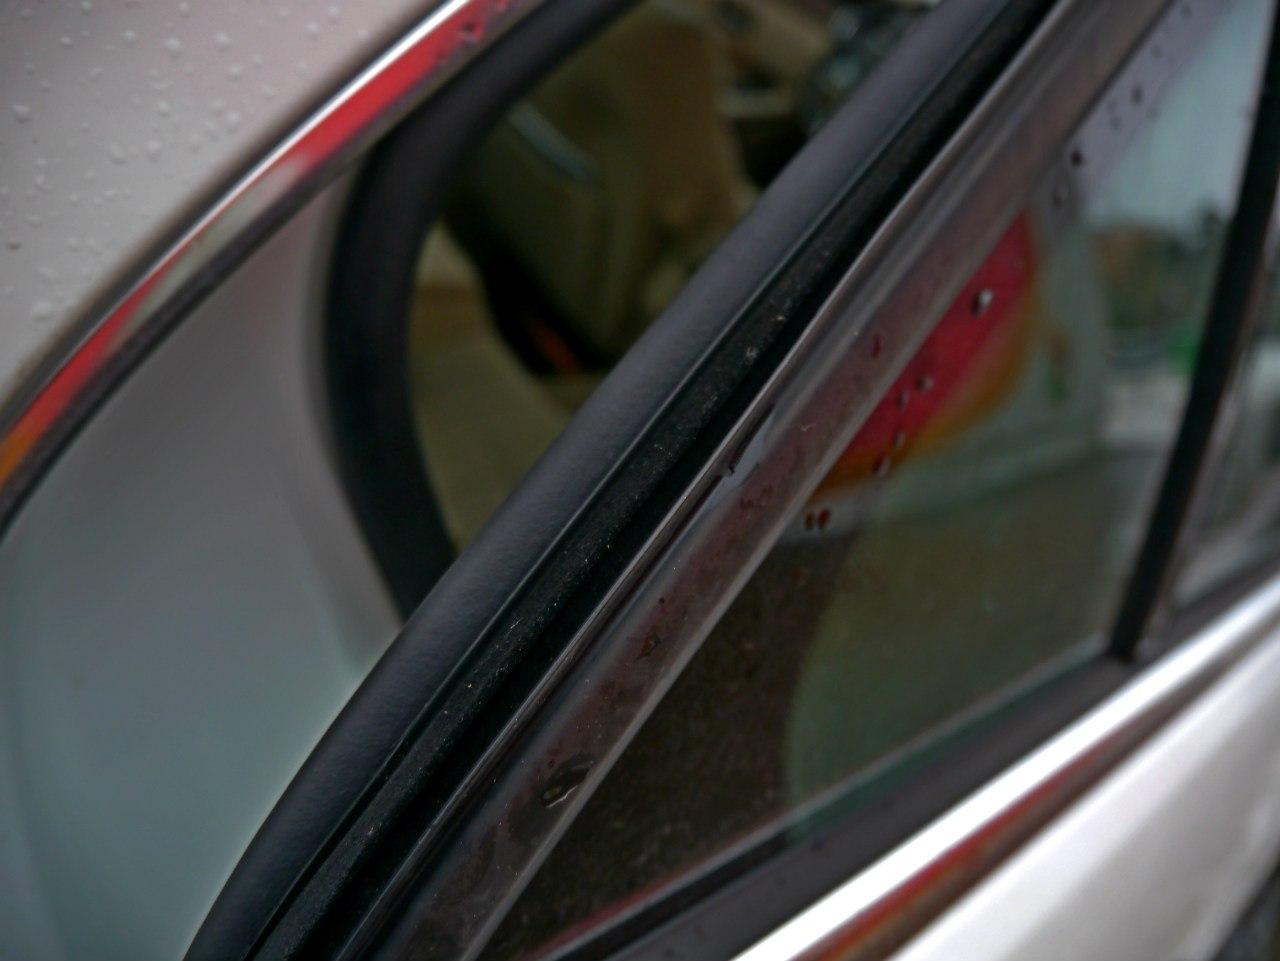 Владельцы Infiniti, жалующиеся на шумоизоляцию, не почувствуют большой разницы в Mercedes-Benz E 2014: тонкие стекла и уплотнители пропускают в салон автомобиля боковой шум с дороги.